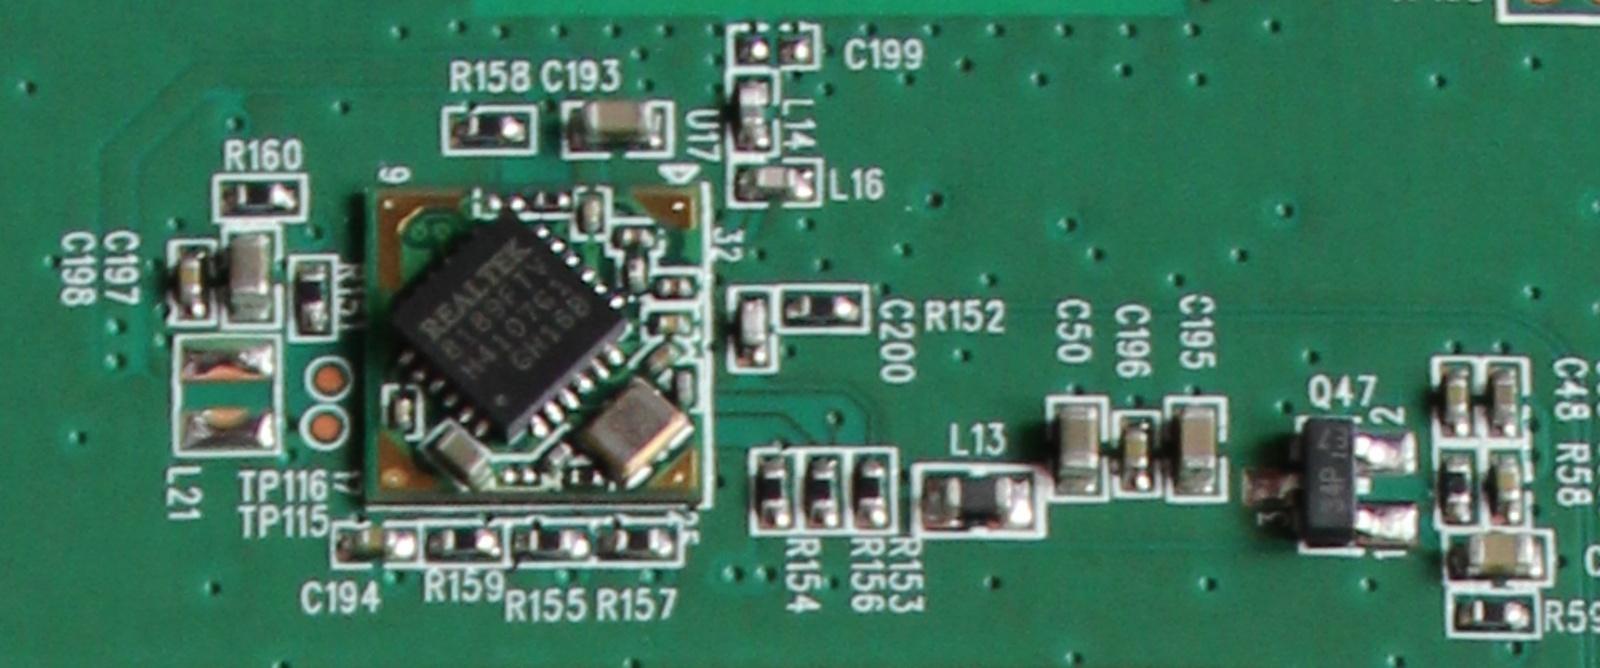 Суровый хенд-мейд от инженера-электронщика: разбираем PocketBook 631 Plus и оснащаем его солнечной батареей - 9